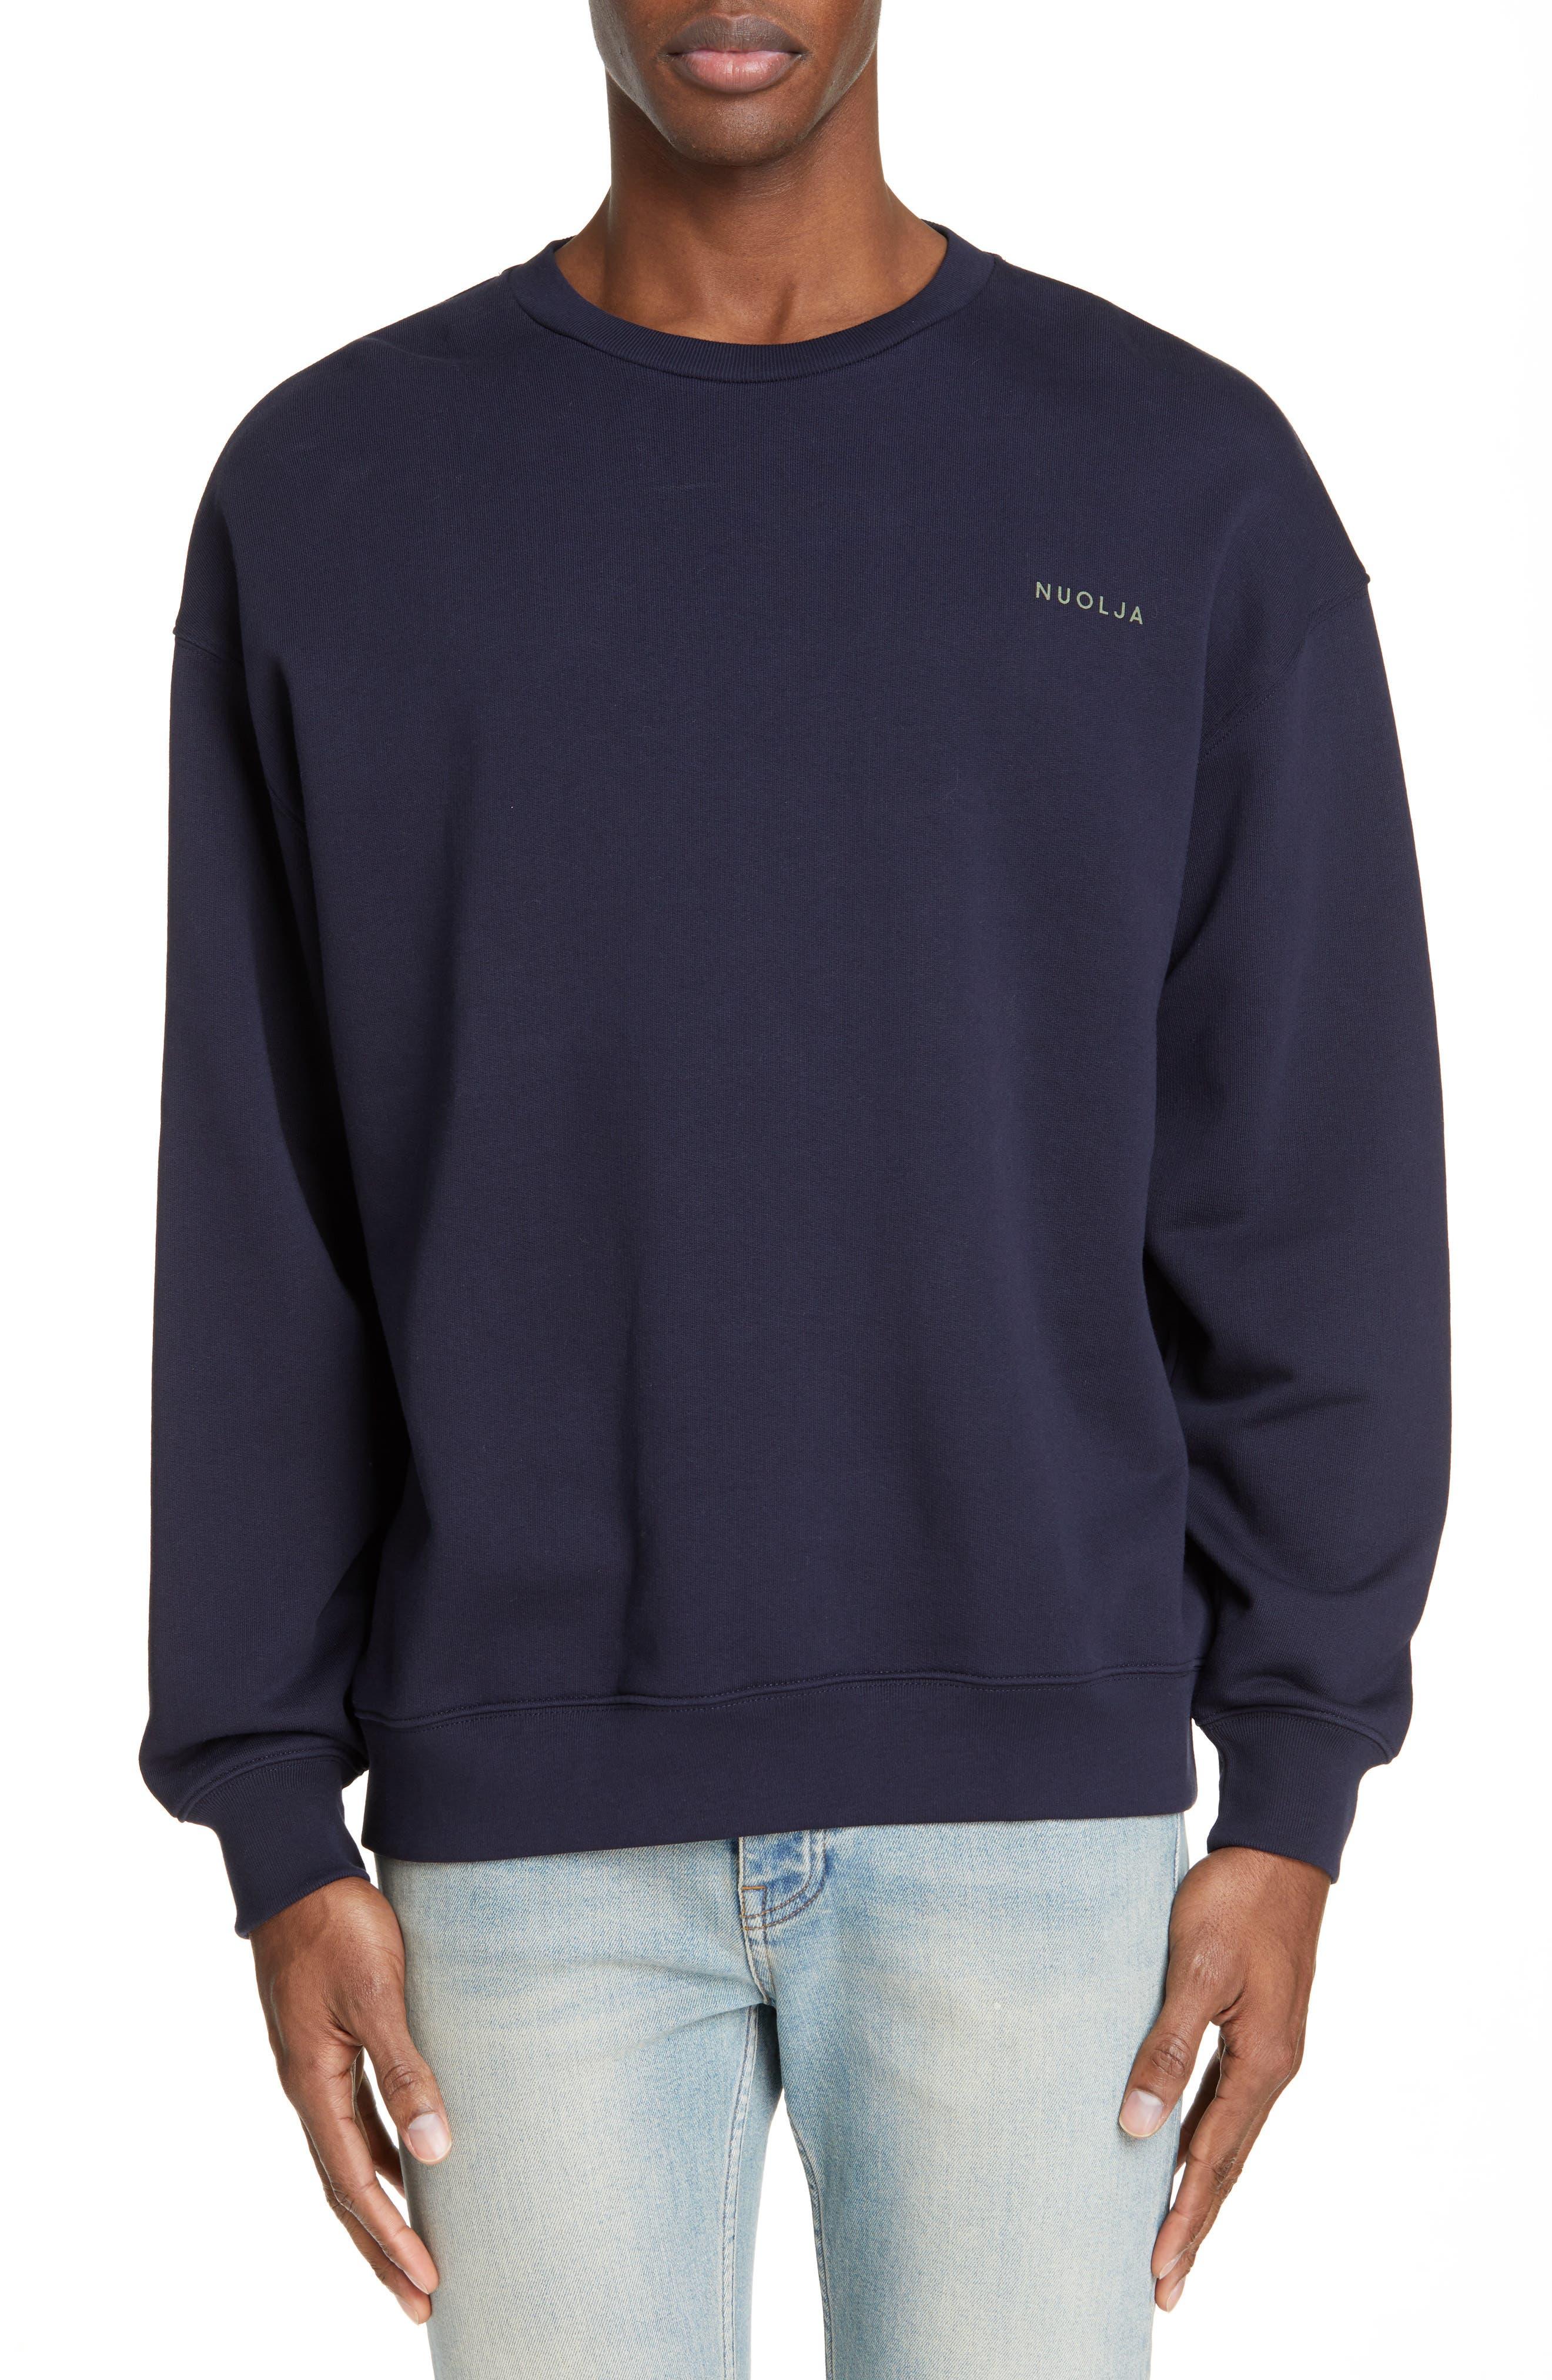 ACNE STUDIOS Forba Sweden Graphic Sweatshirt, Main, color, NAVY